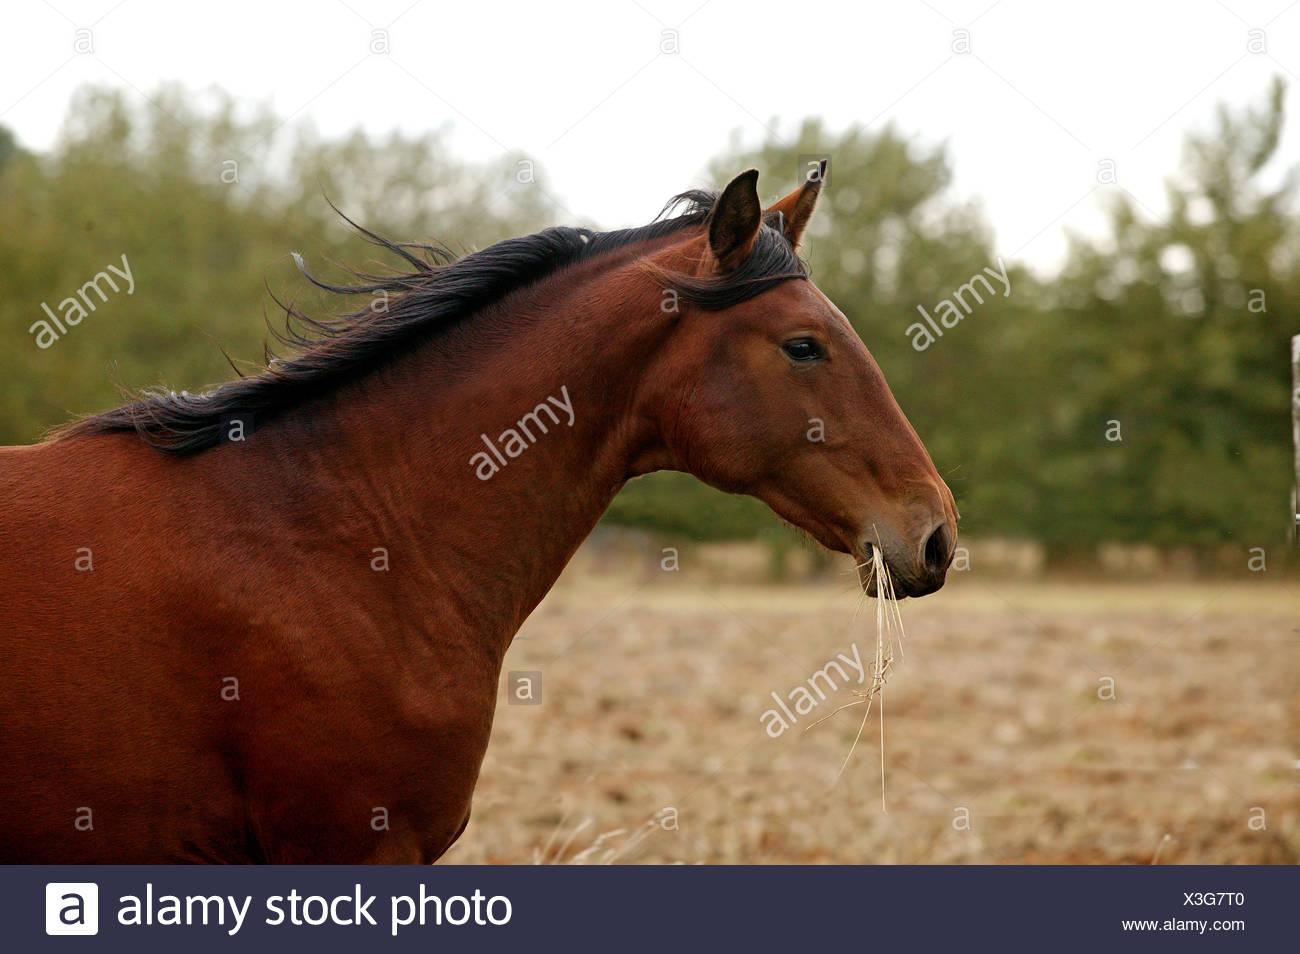 Lusitano Horse, Stallion eating Grass - Stock Image